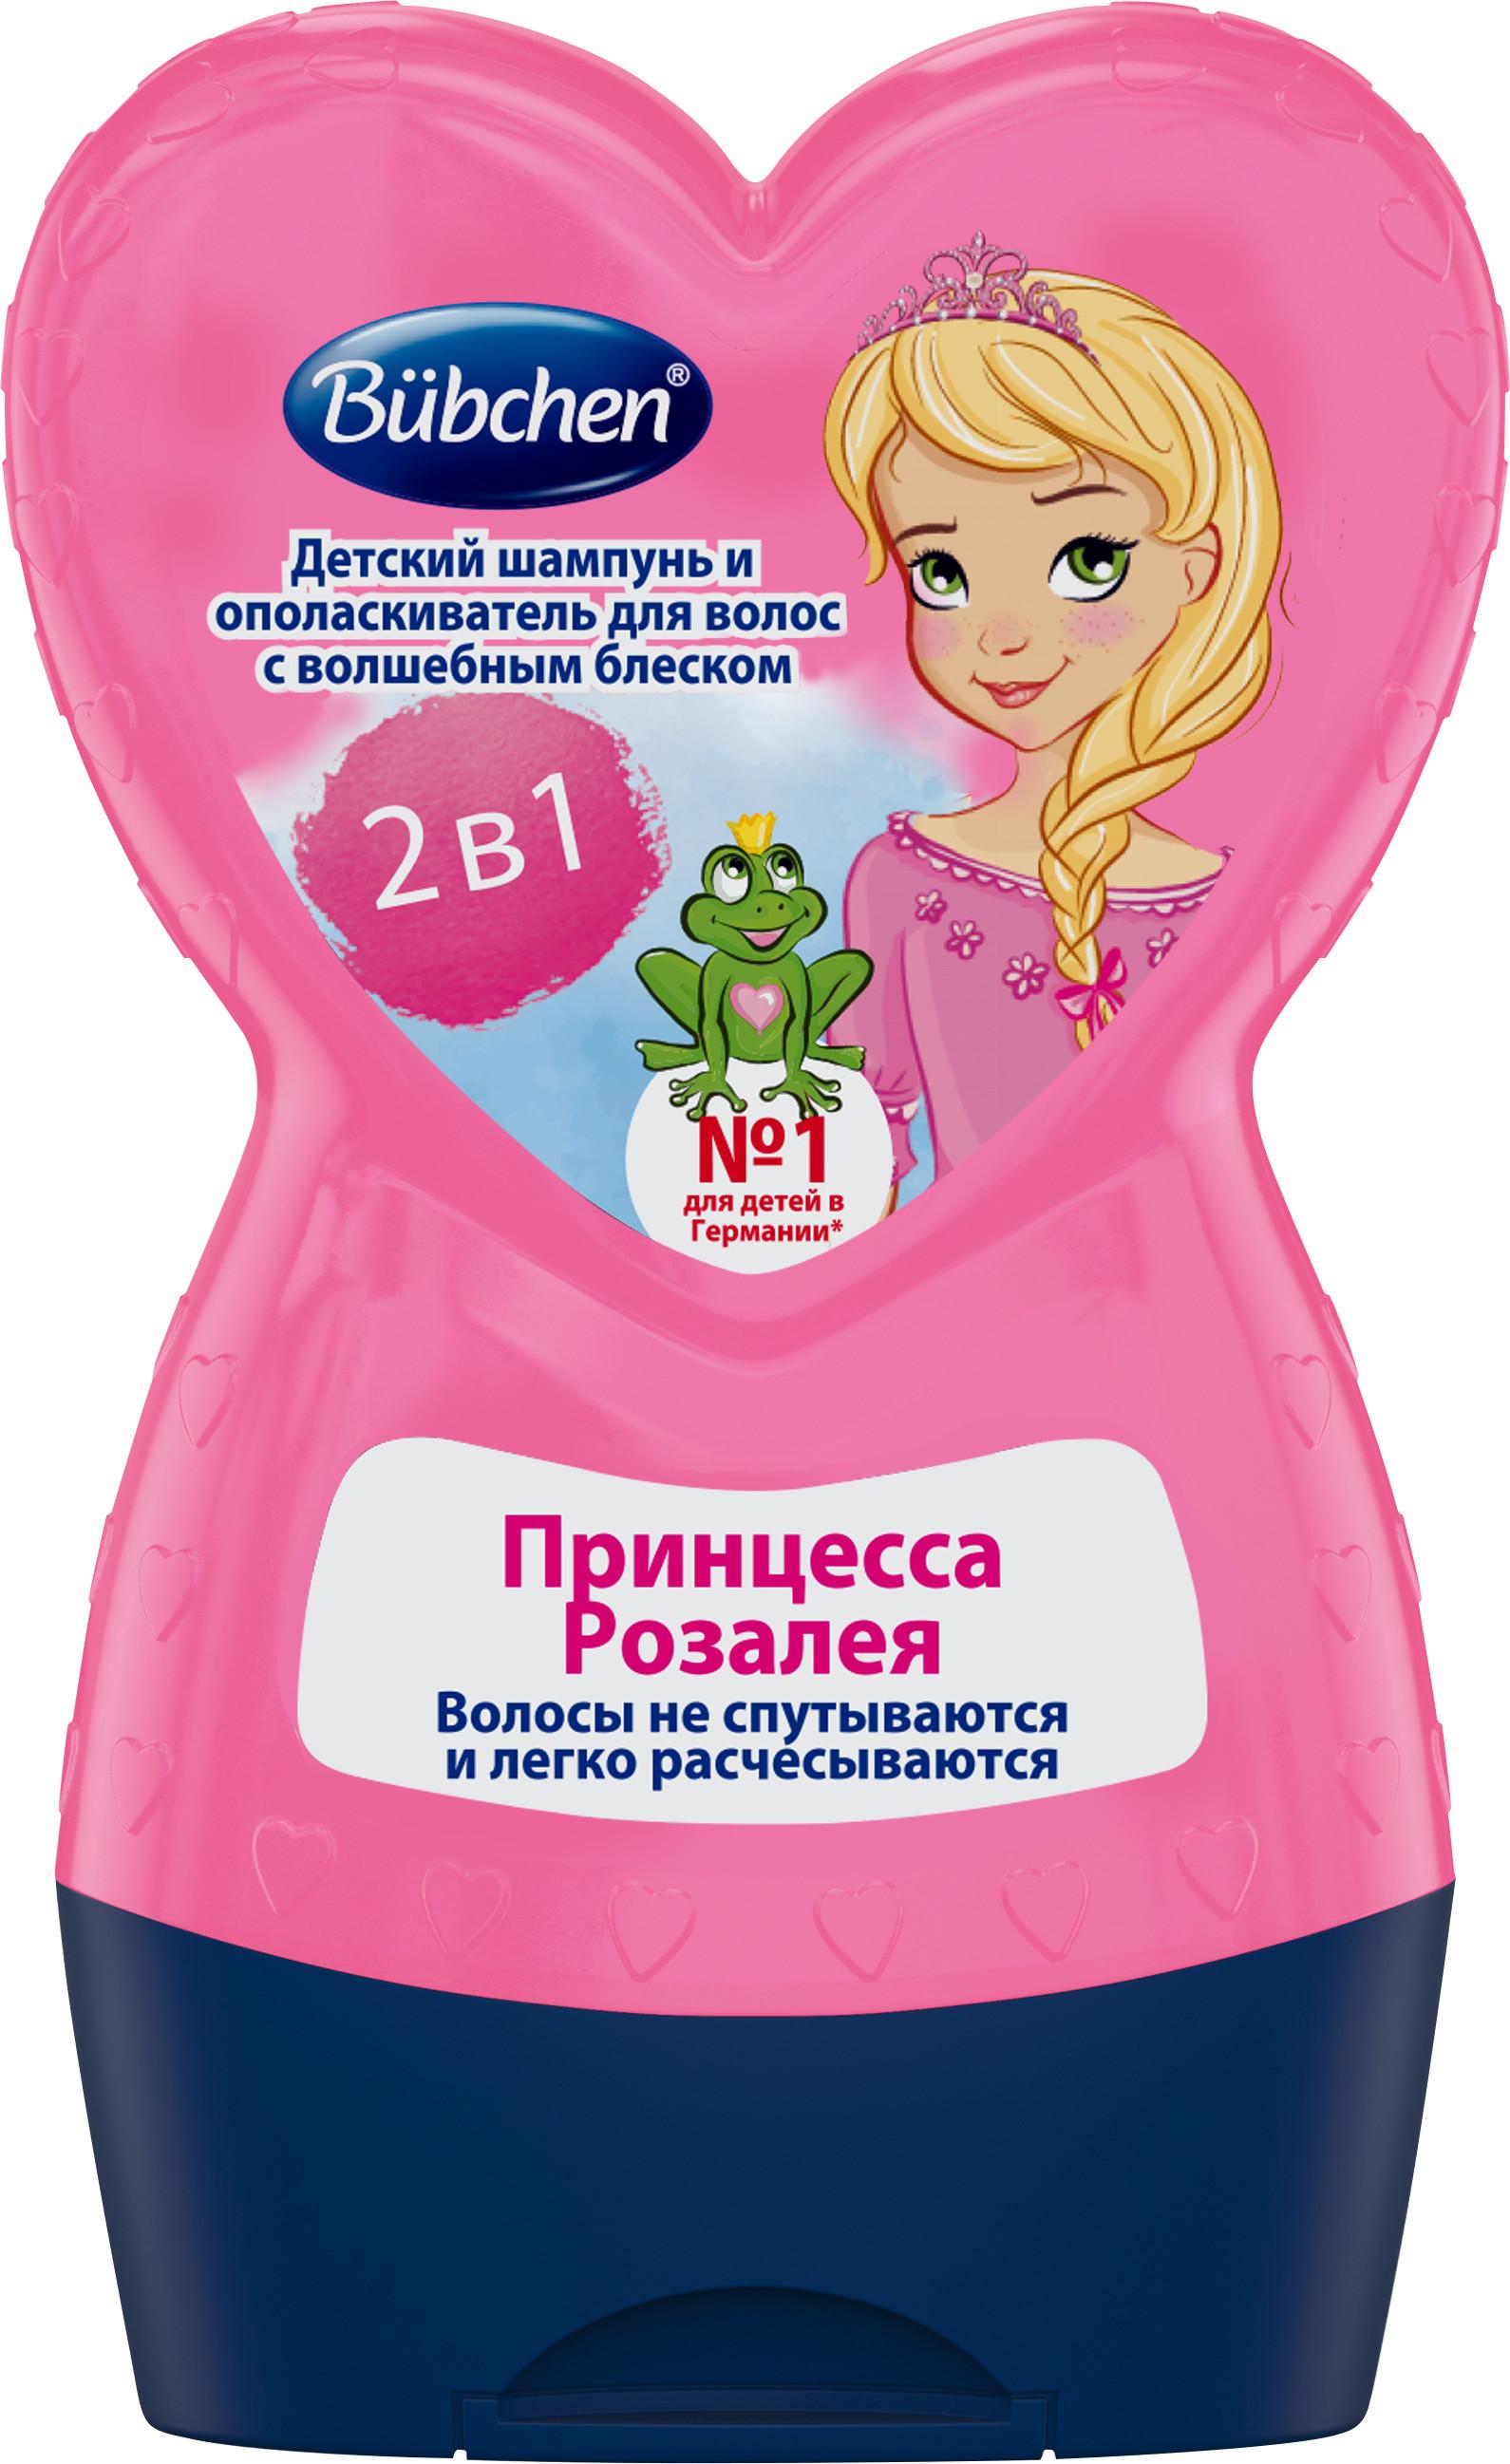 Шампунь-ополаскиватель Bubchen с волшебным блеском «Принцесса Розалея» 2 в 1, 230 мл шампунь принцесса